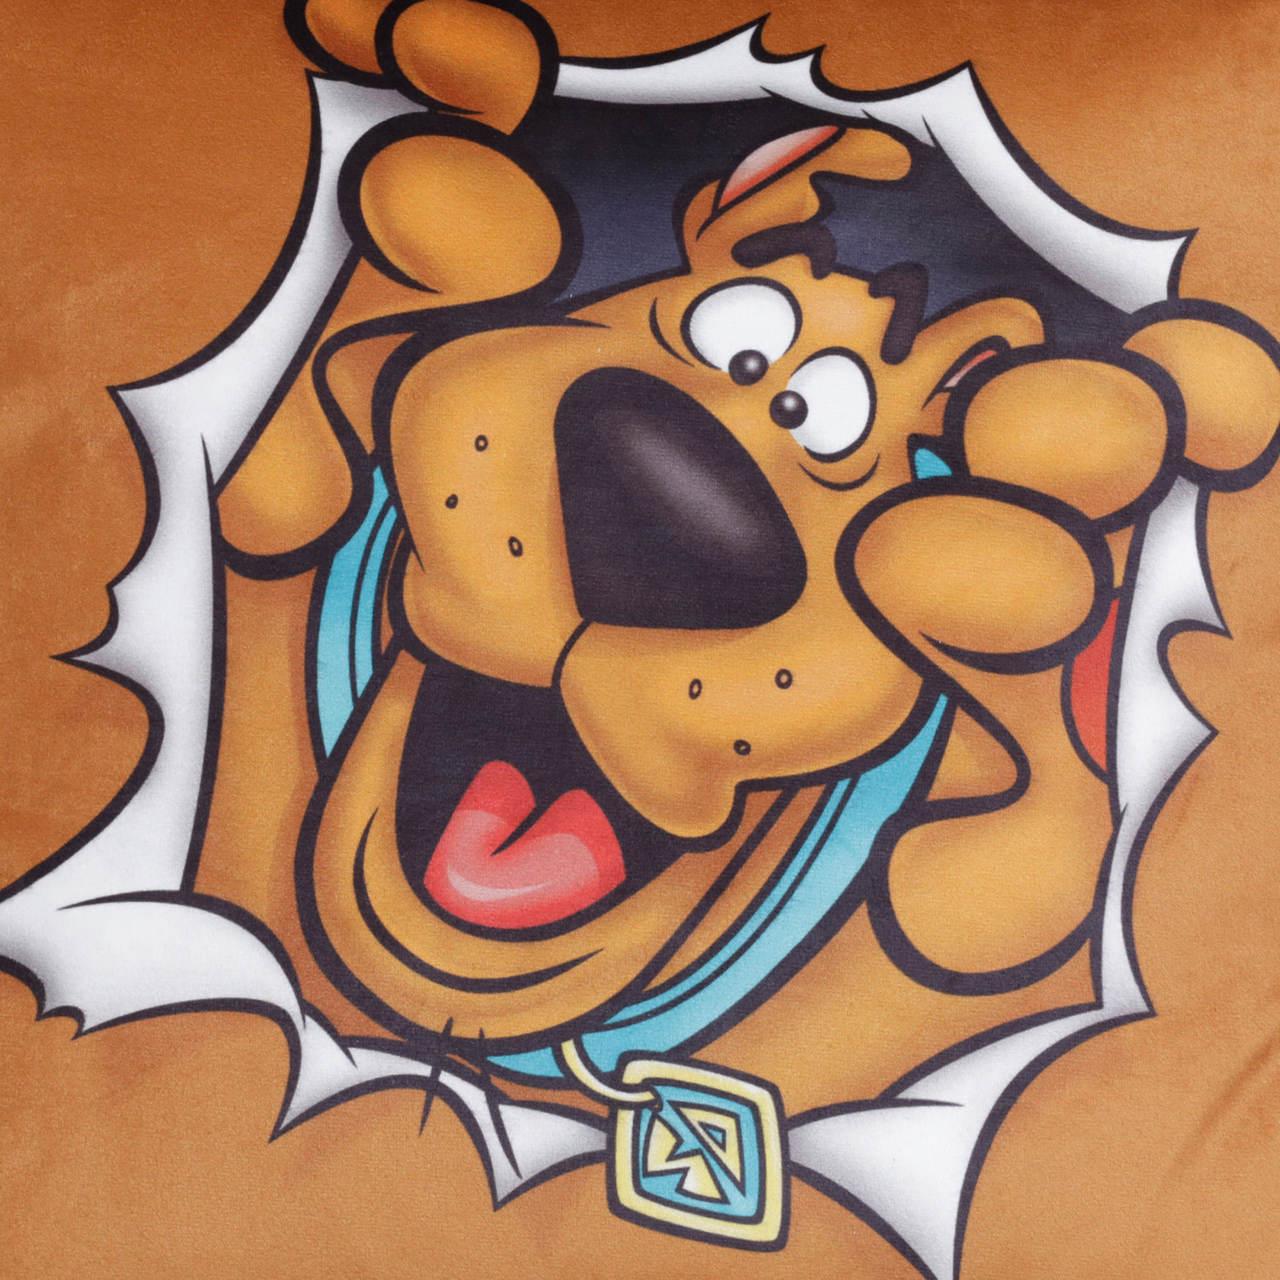 Almofada Scooby Doo Licenciado - 45x45 cm